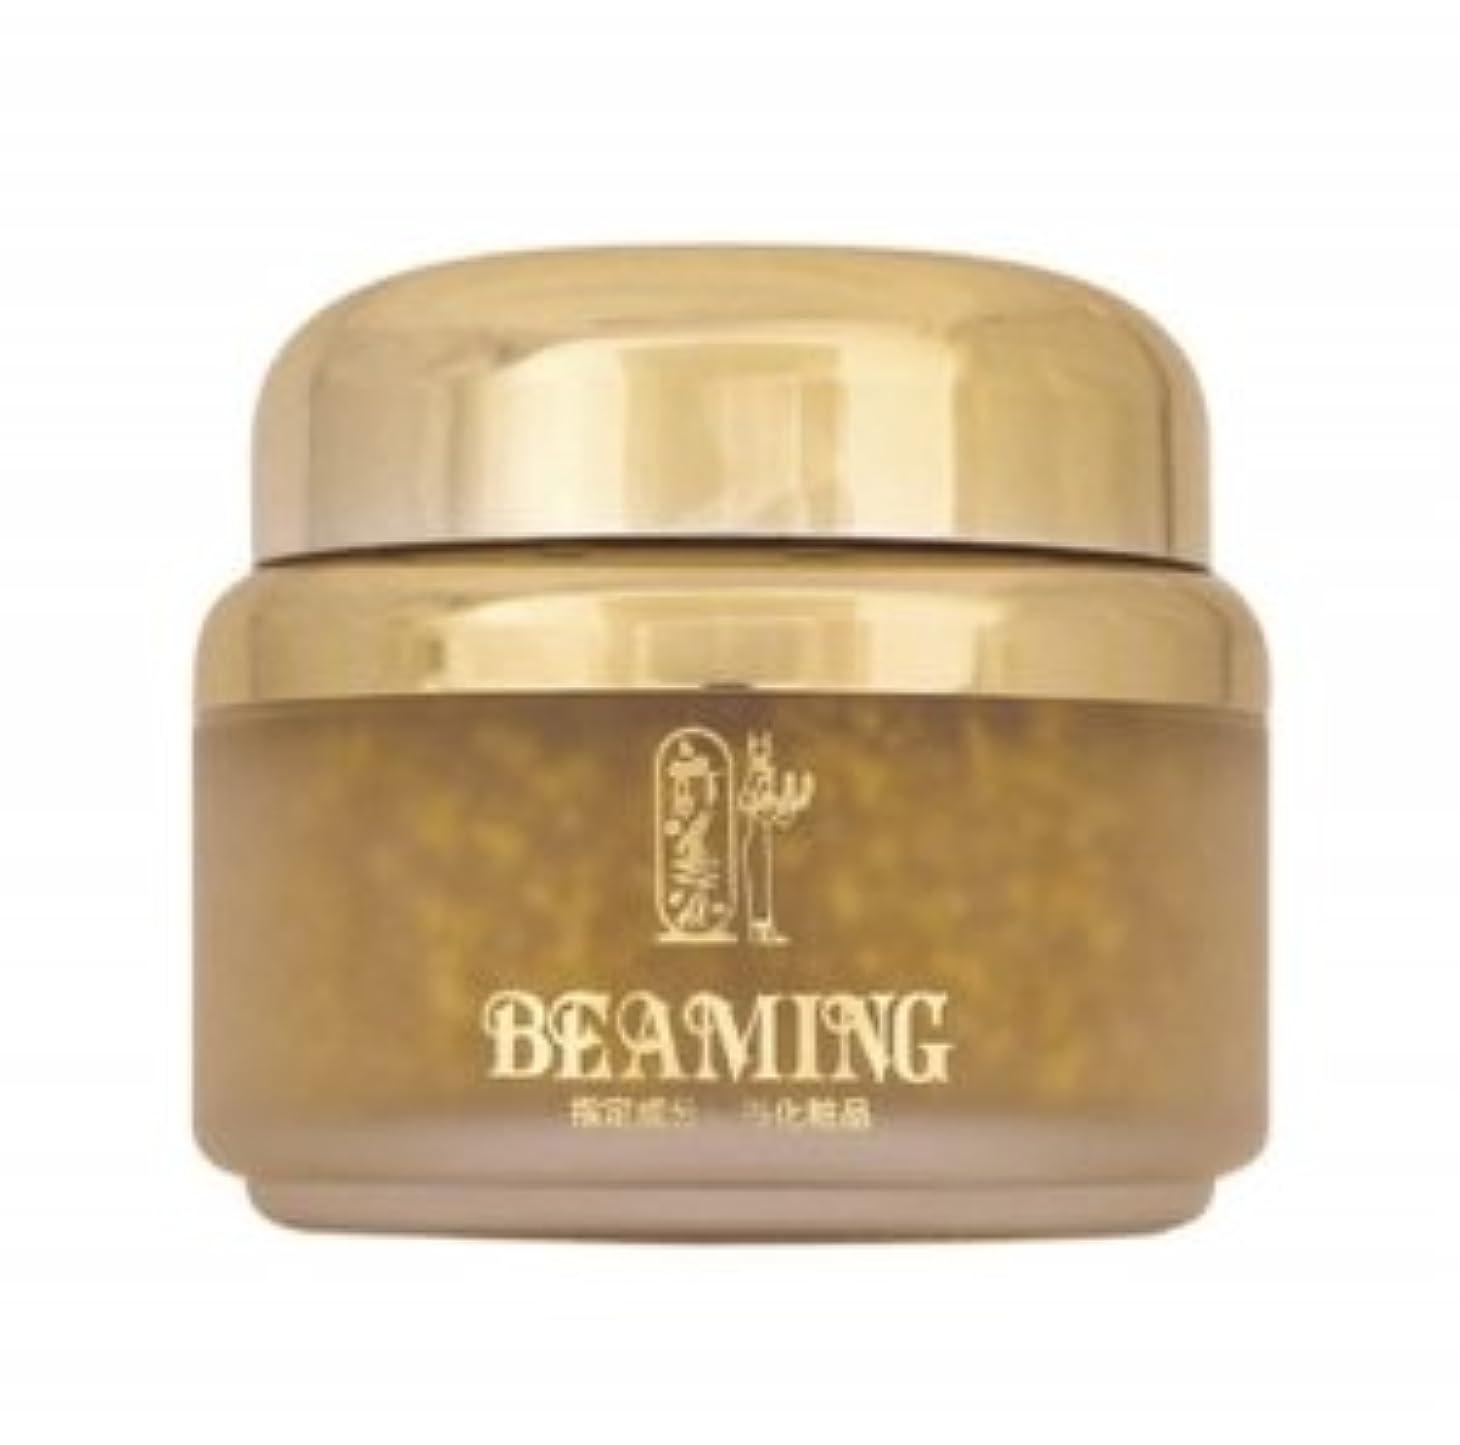 豆ウェブフラフープビーミングシリーズ 100% 無添加 美容界の奇跡 超高級 純金箔 錆びない肌 究極の スキンケアセット クレオパトラ の 基礎化粧品 日本製 (ビーミングゴールドフェースブロック)